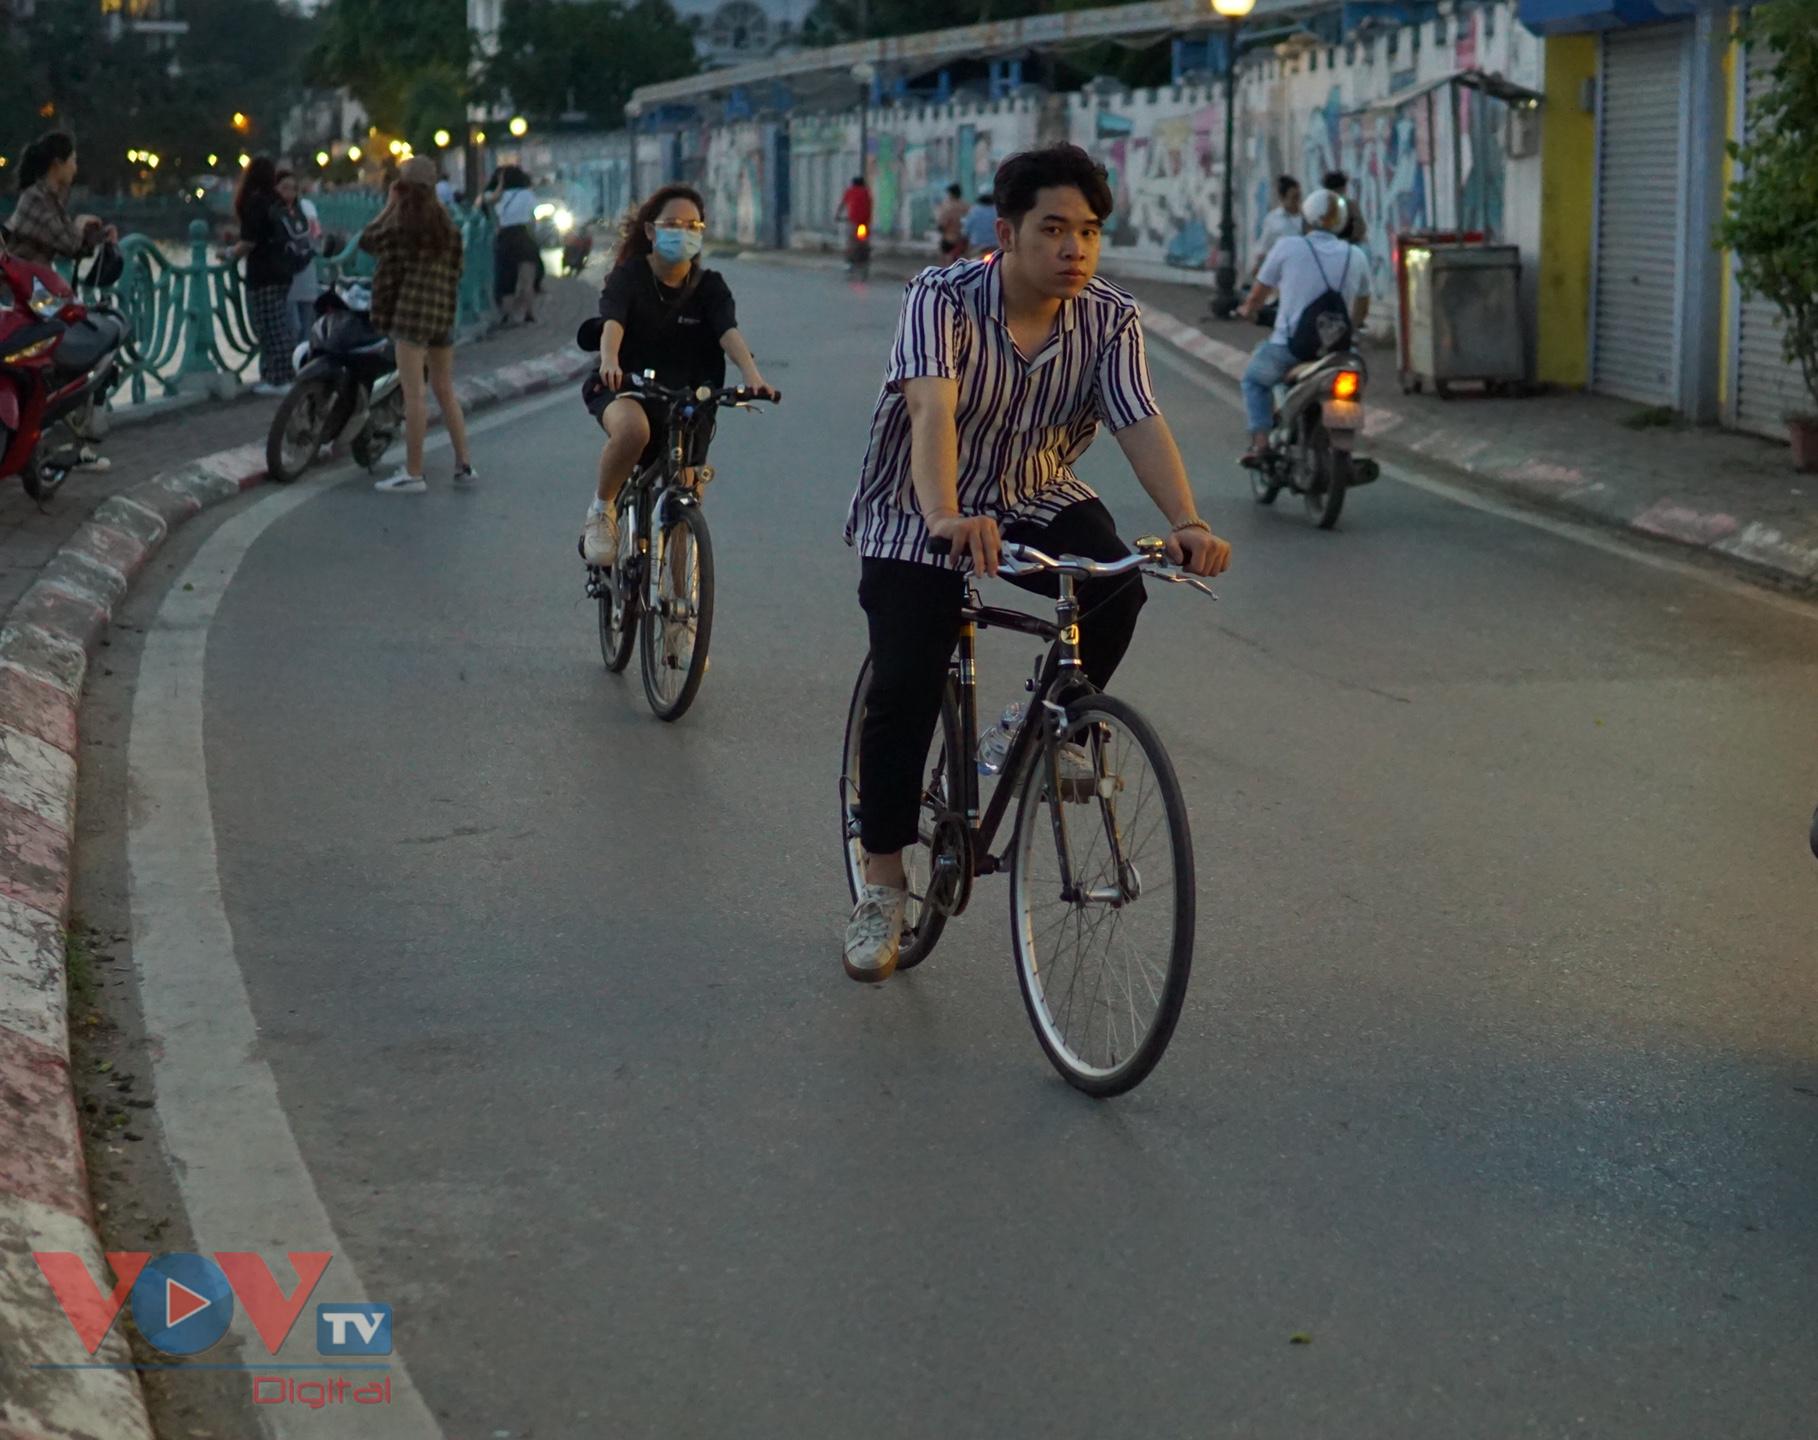 Trào lưu đạp xe hồ Tây thu hút các bạn trẻ - Ảnh 5.